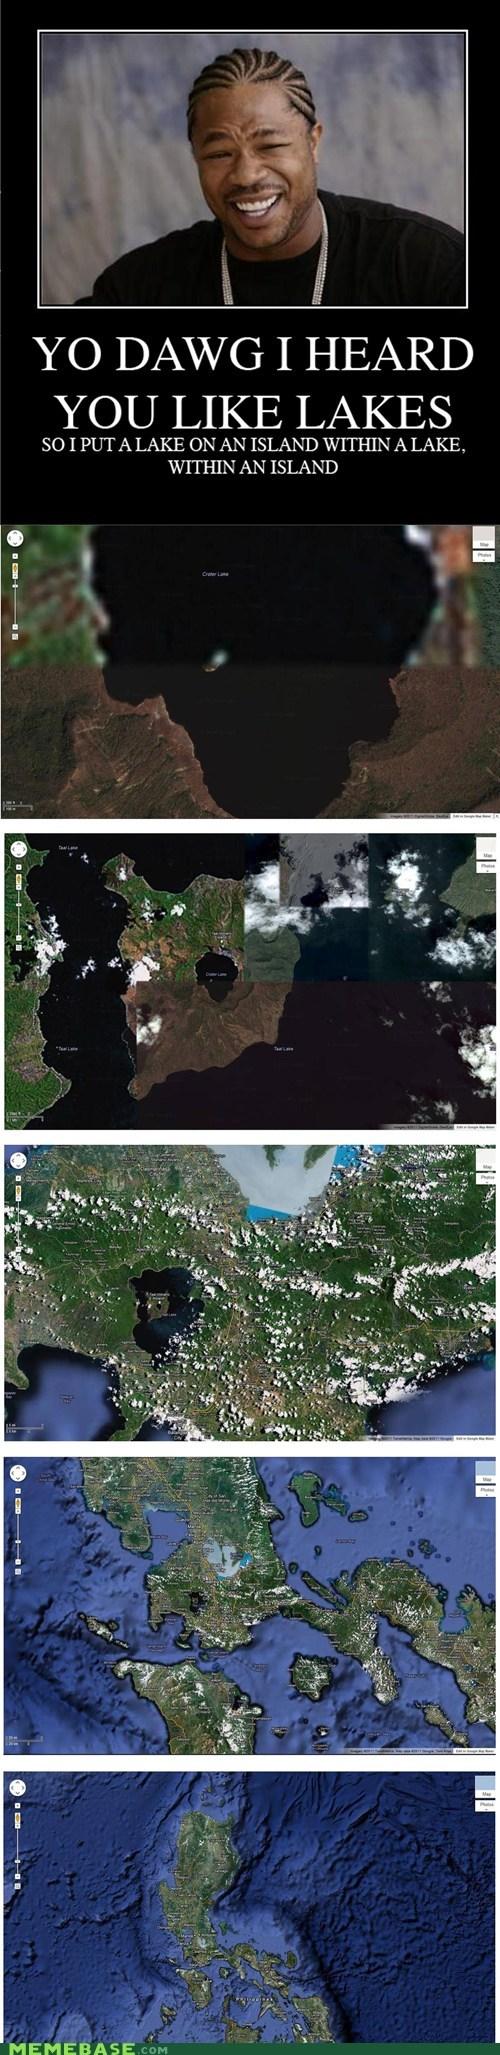 go deeper island lakes Maps wtf yo dawg - 5670126336